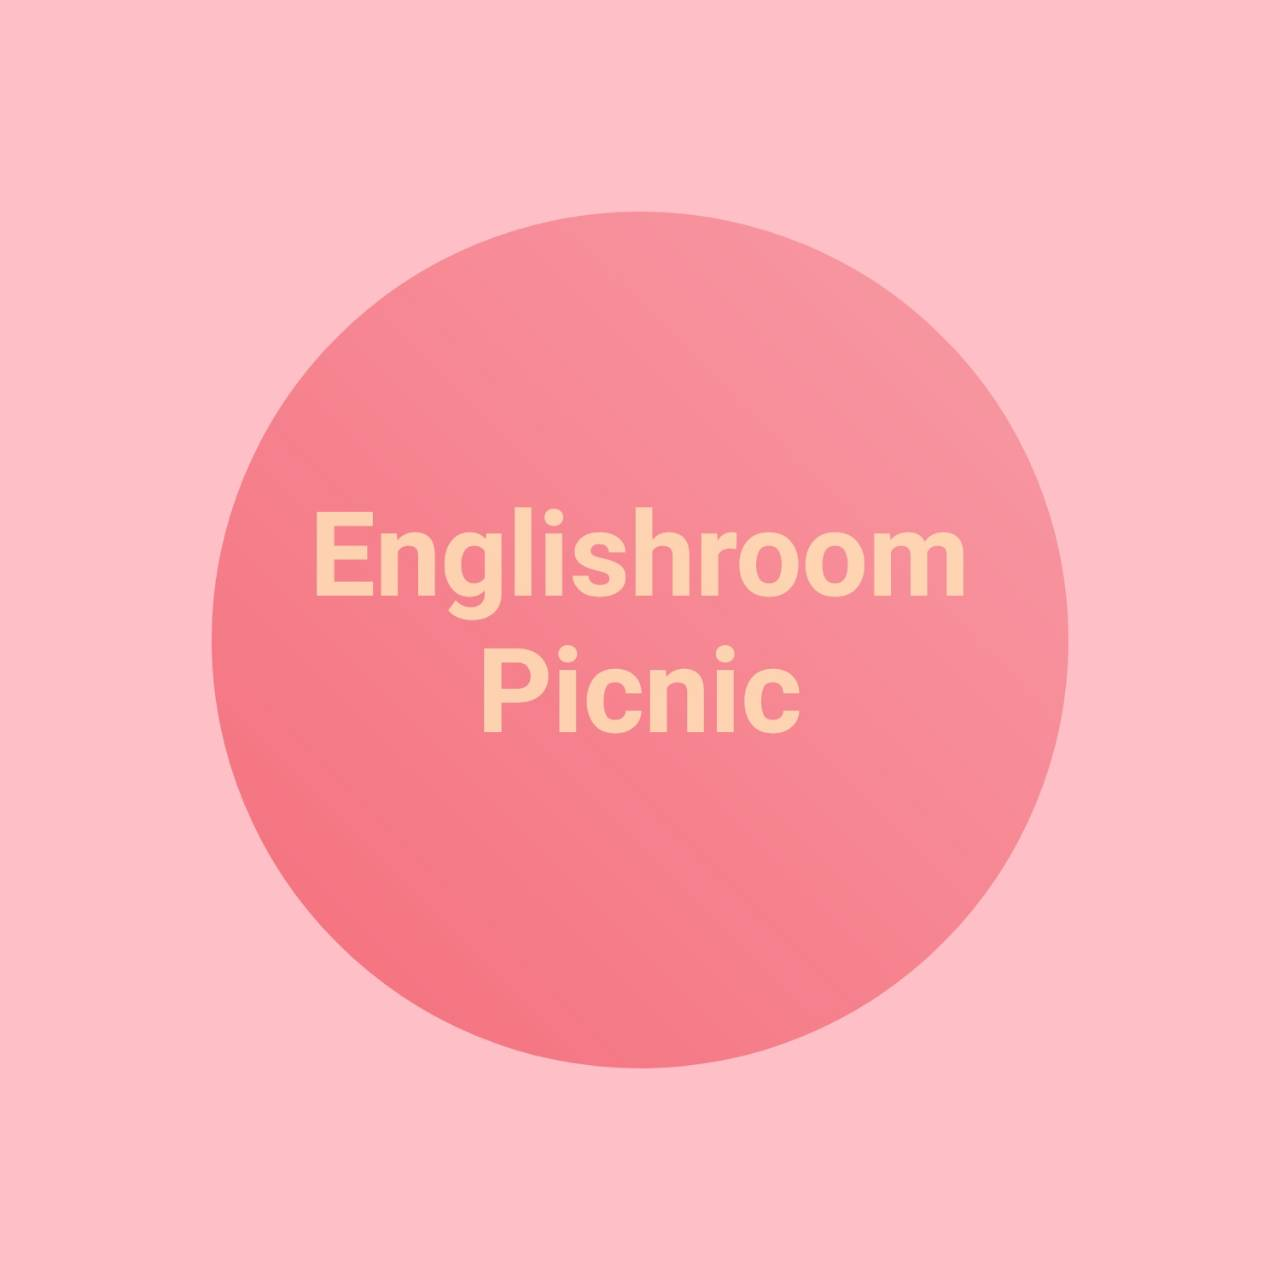 Englishroom Picnic